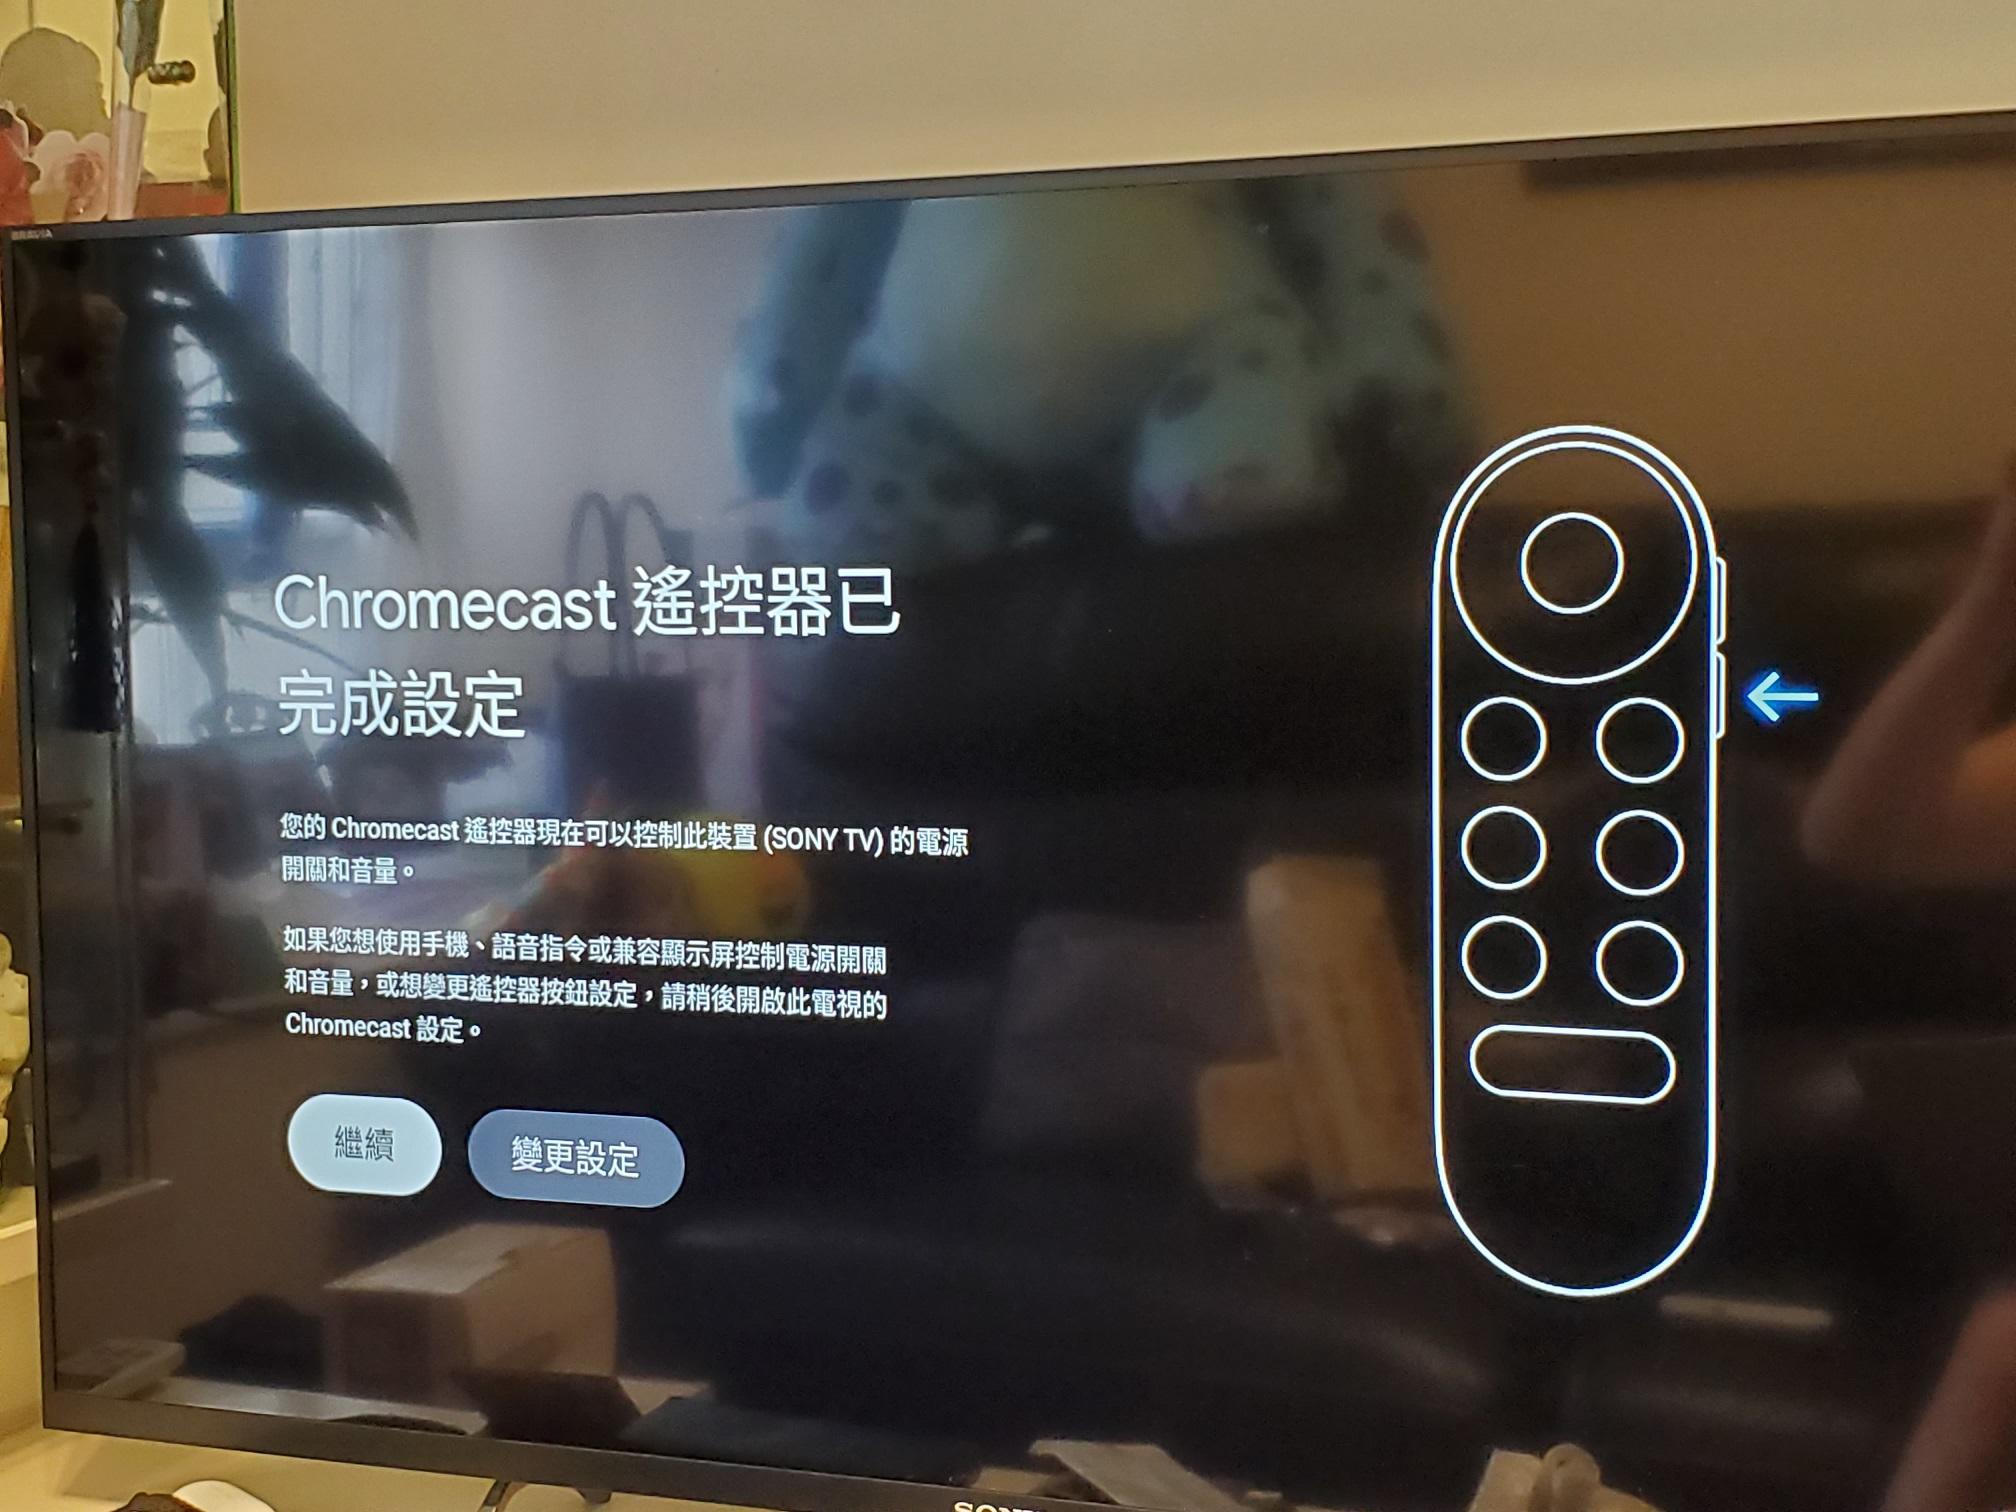 設定 chromecast